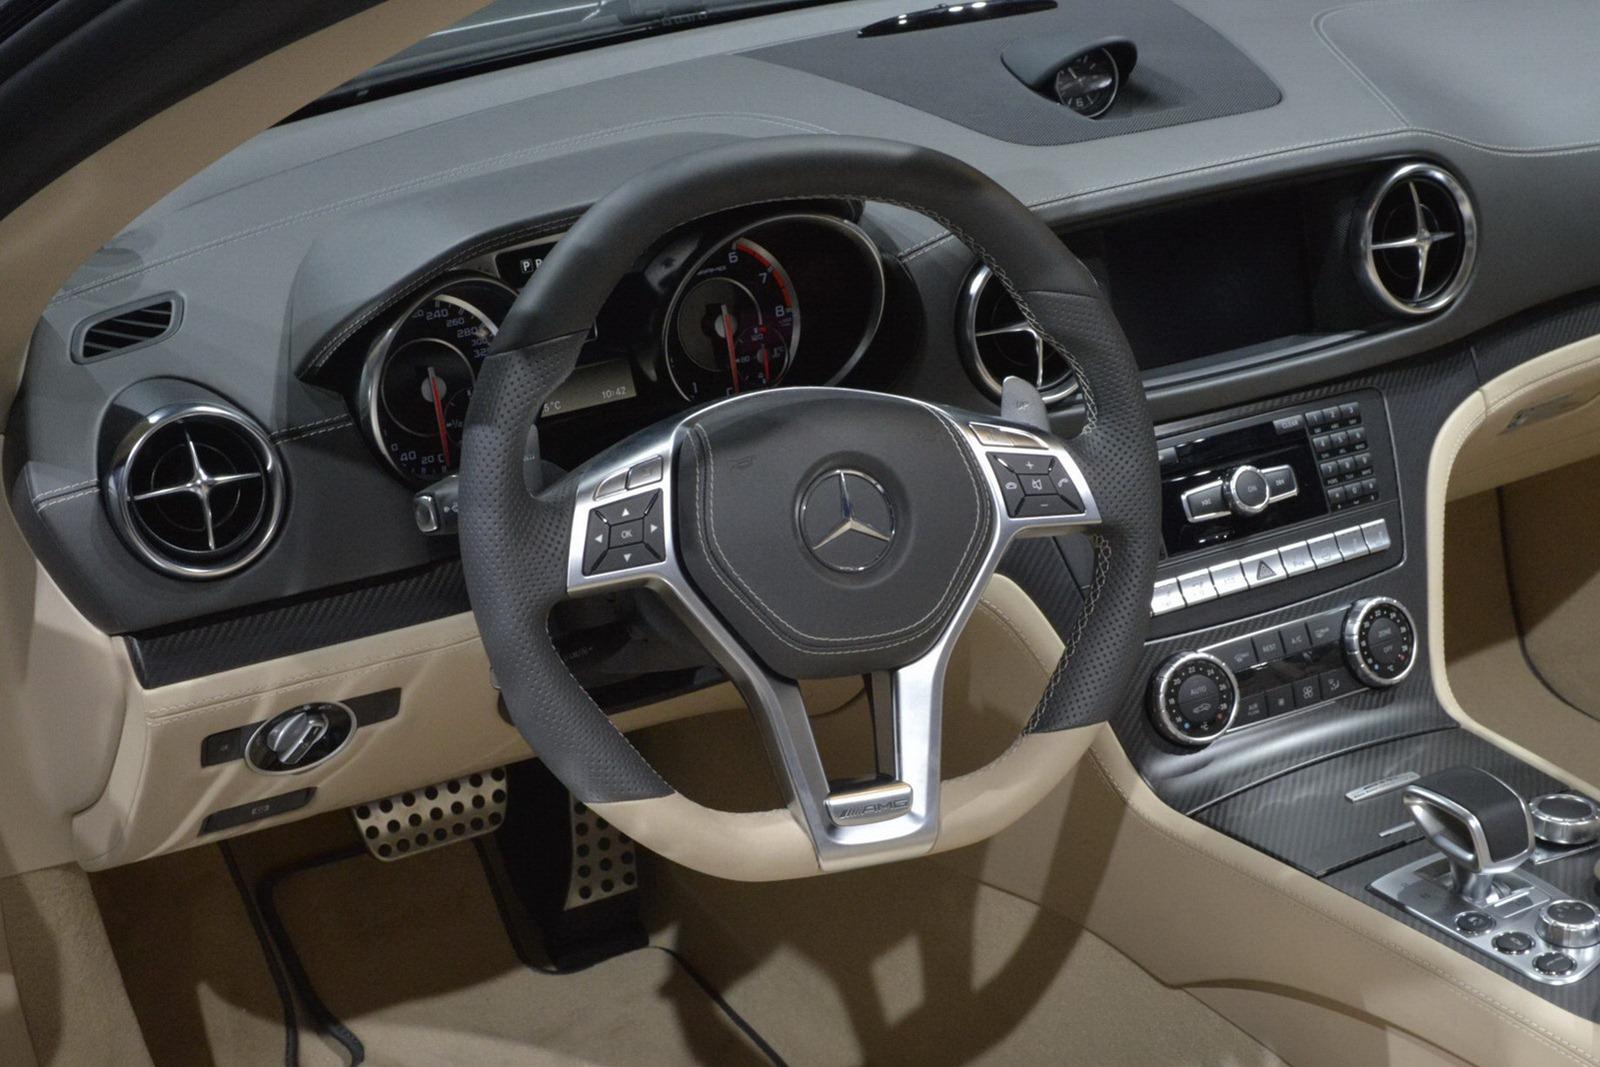 http://lh3.ggpht.com/-YNXamw9Pw9Y/T4BcT5a_r4I/AAAAAAAHSqw/SjoM7_iIR2c/s1600/2013-Mercedes-SL-AMG-45th-6%25255B2%25255D.jpg